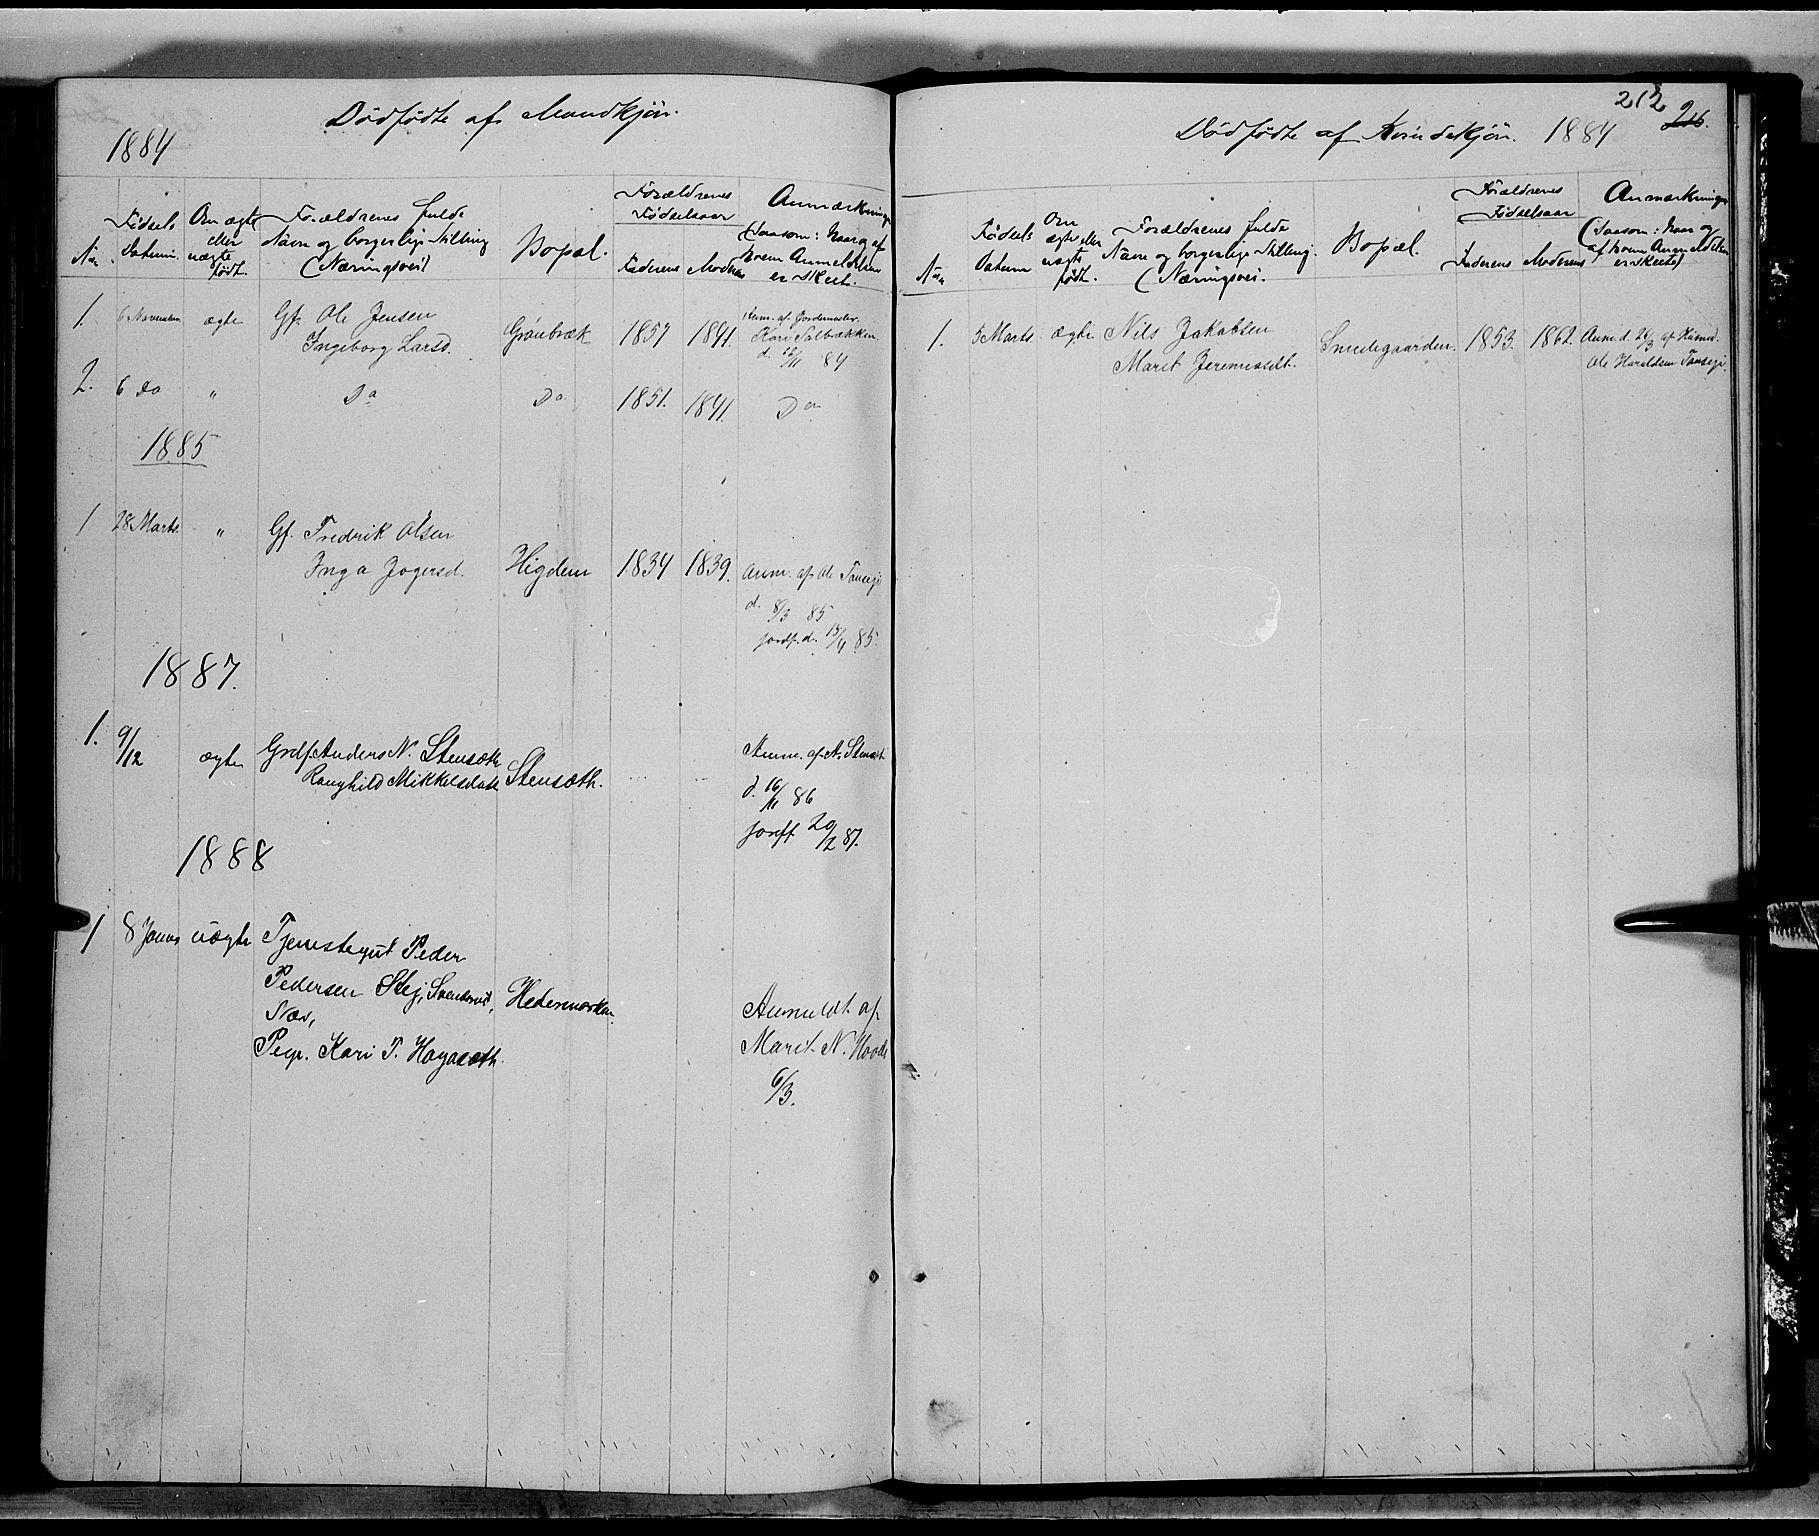 SAH, Nord-Aurdal prestekontor, Klokkerbok nr. 5, 1876-1895, s. 212